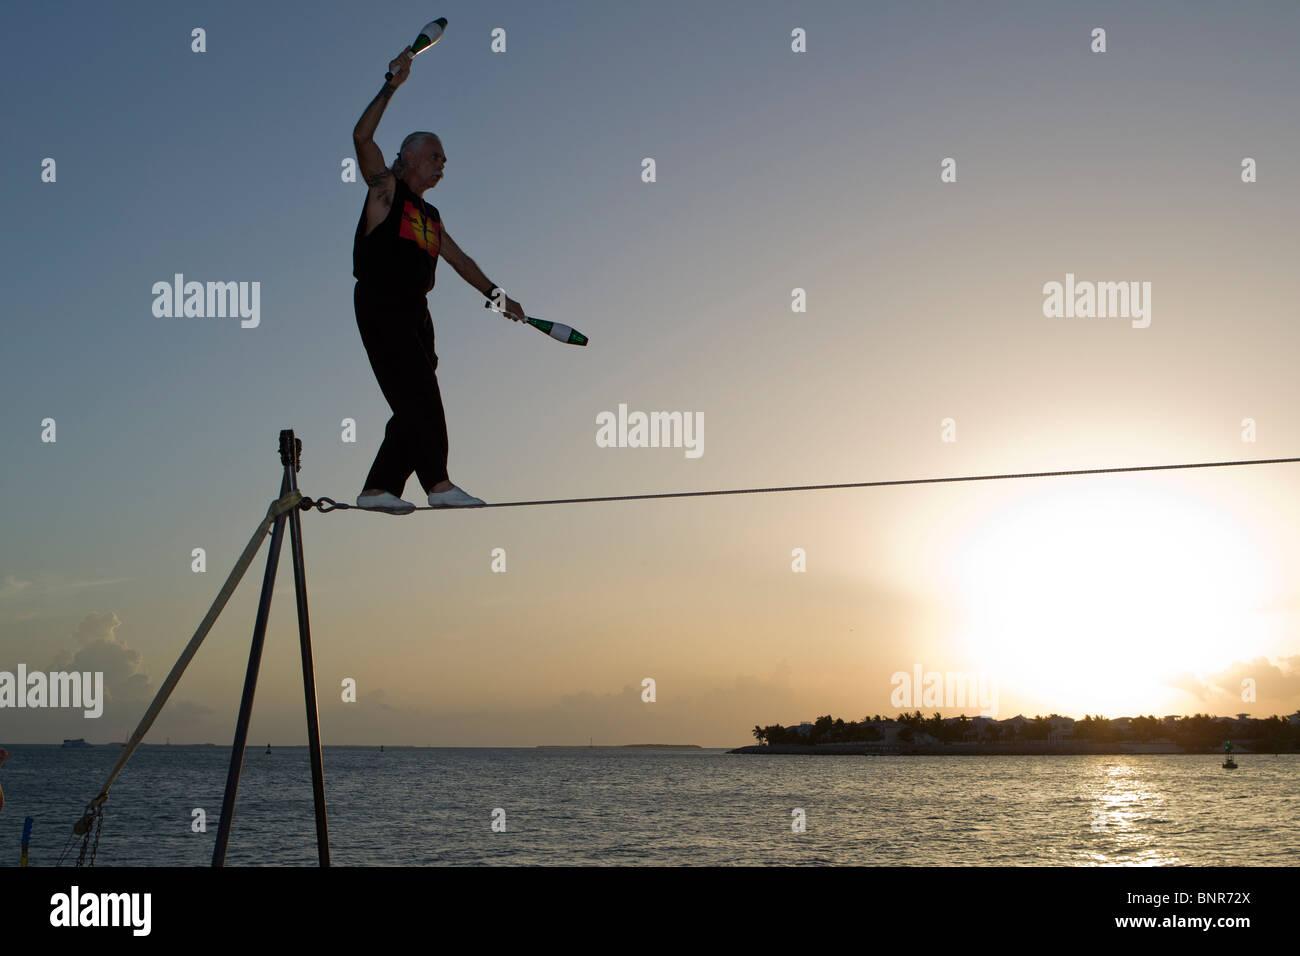 Berühmten sunset Celebration, Key West, Florida.  Straßenkünstler, Will Soto auf dem Hochseil. Stockfoto